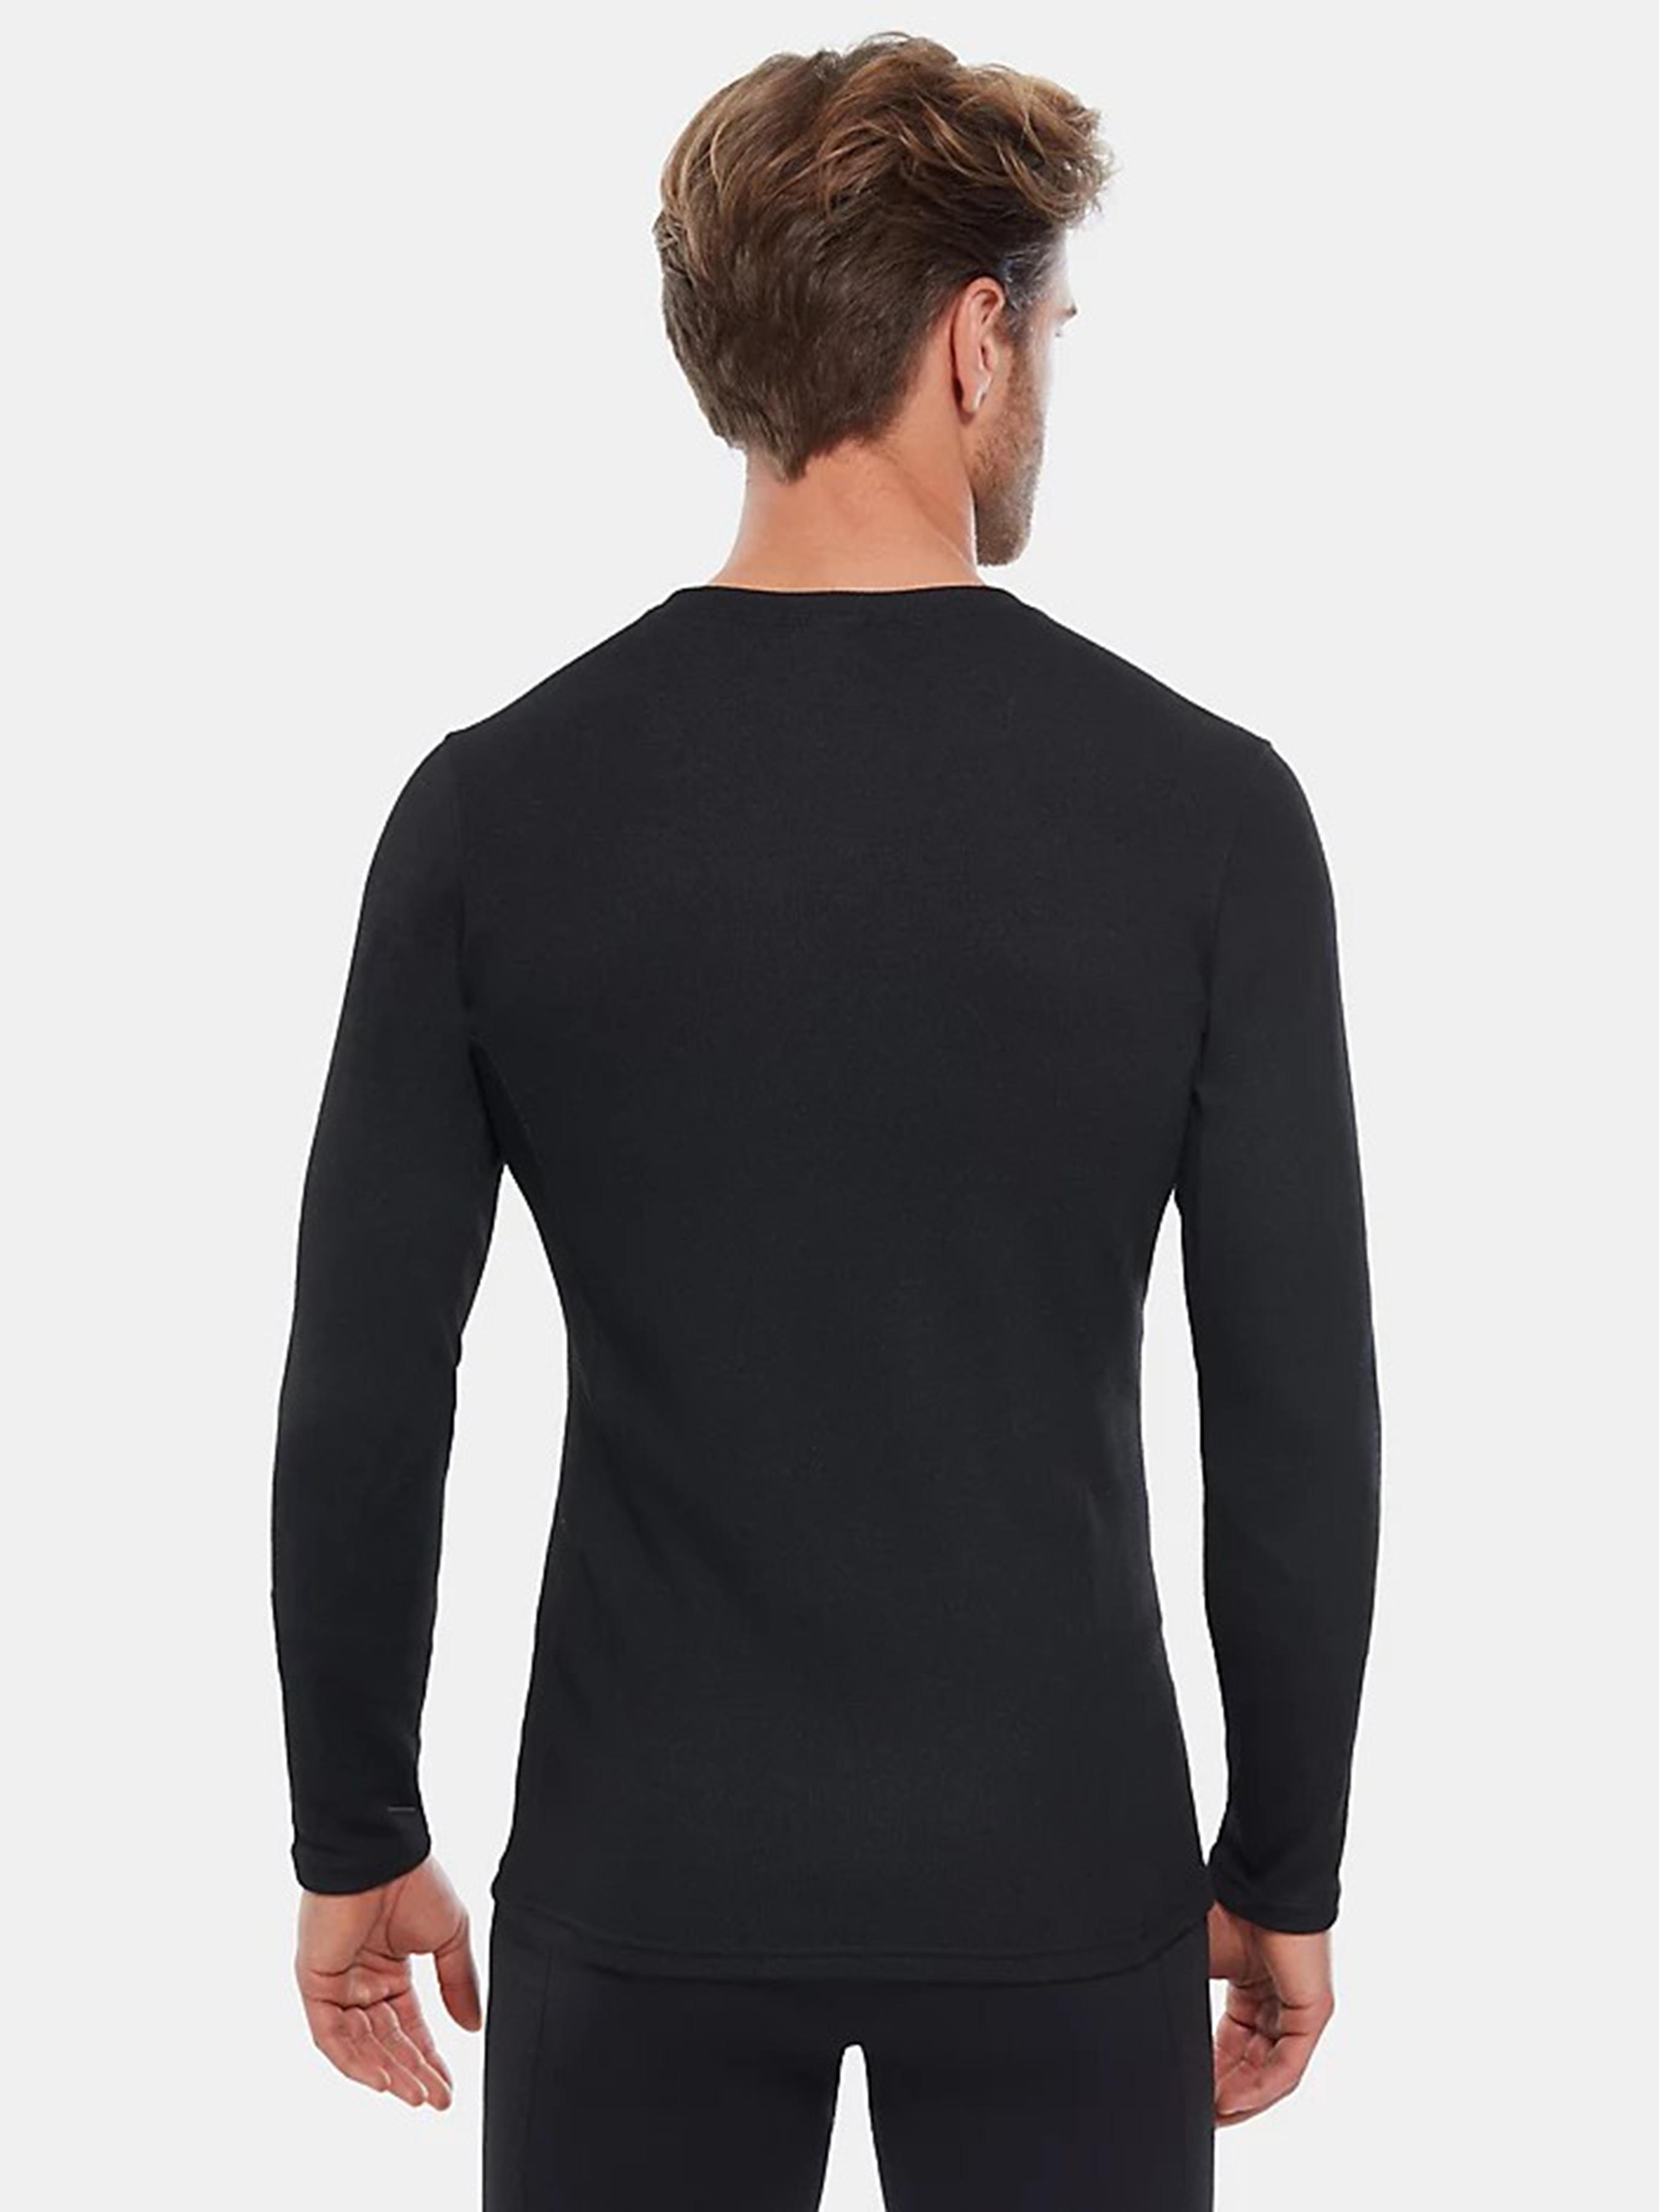 Кофты и свитера мужские The North Face модель N21305 купить, 2017